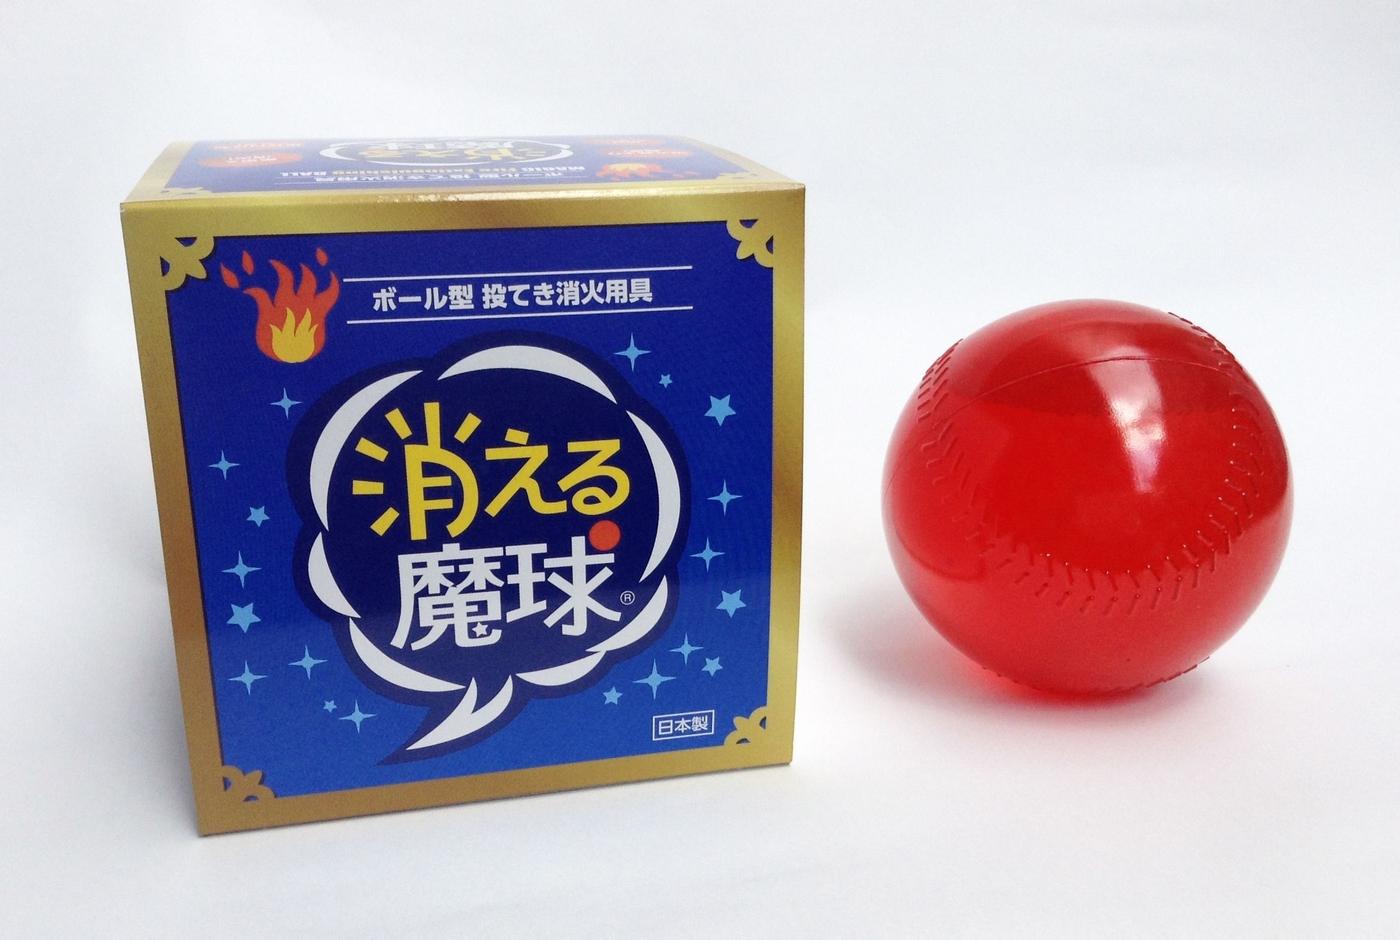 役立つ防災グッズ! 消える魔球10個+消せる魔法の杖 1個